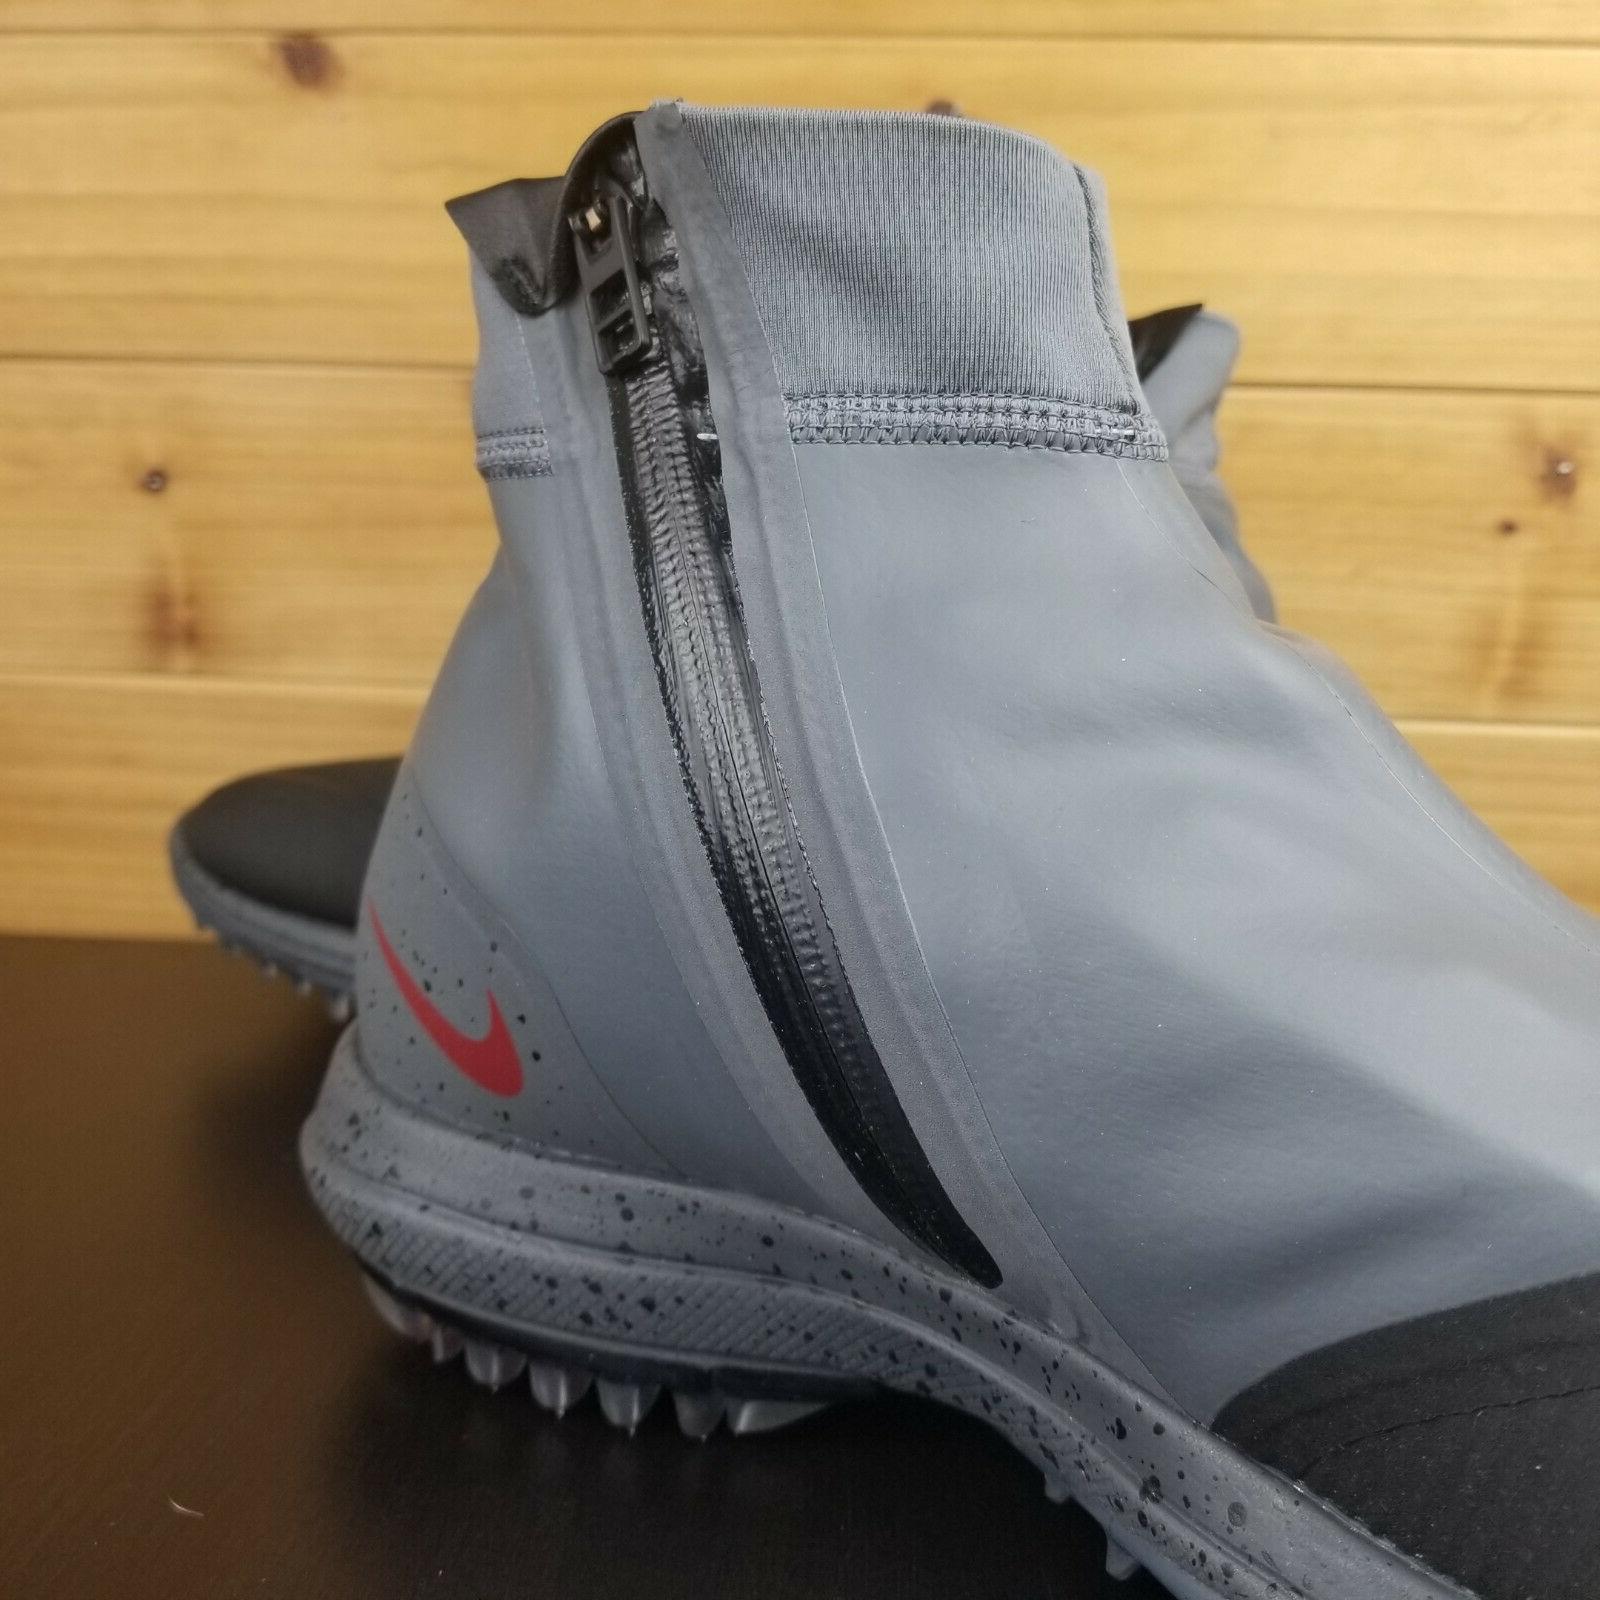 Nike Lunar Men's Waterproof